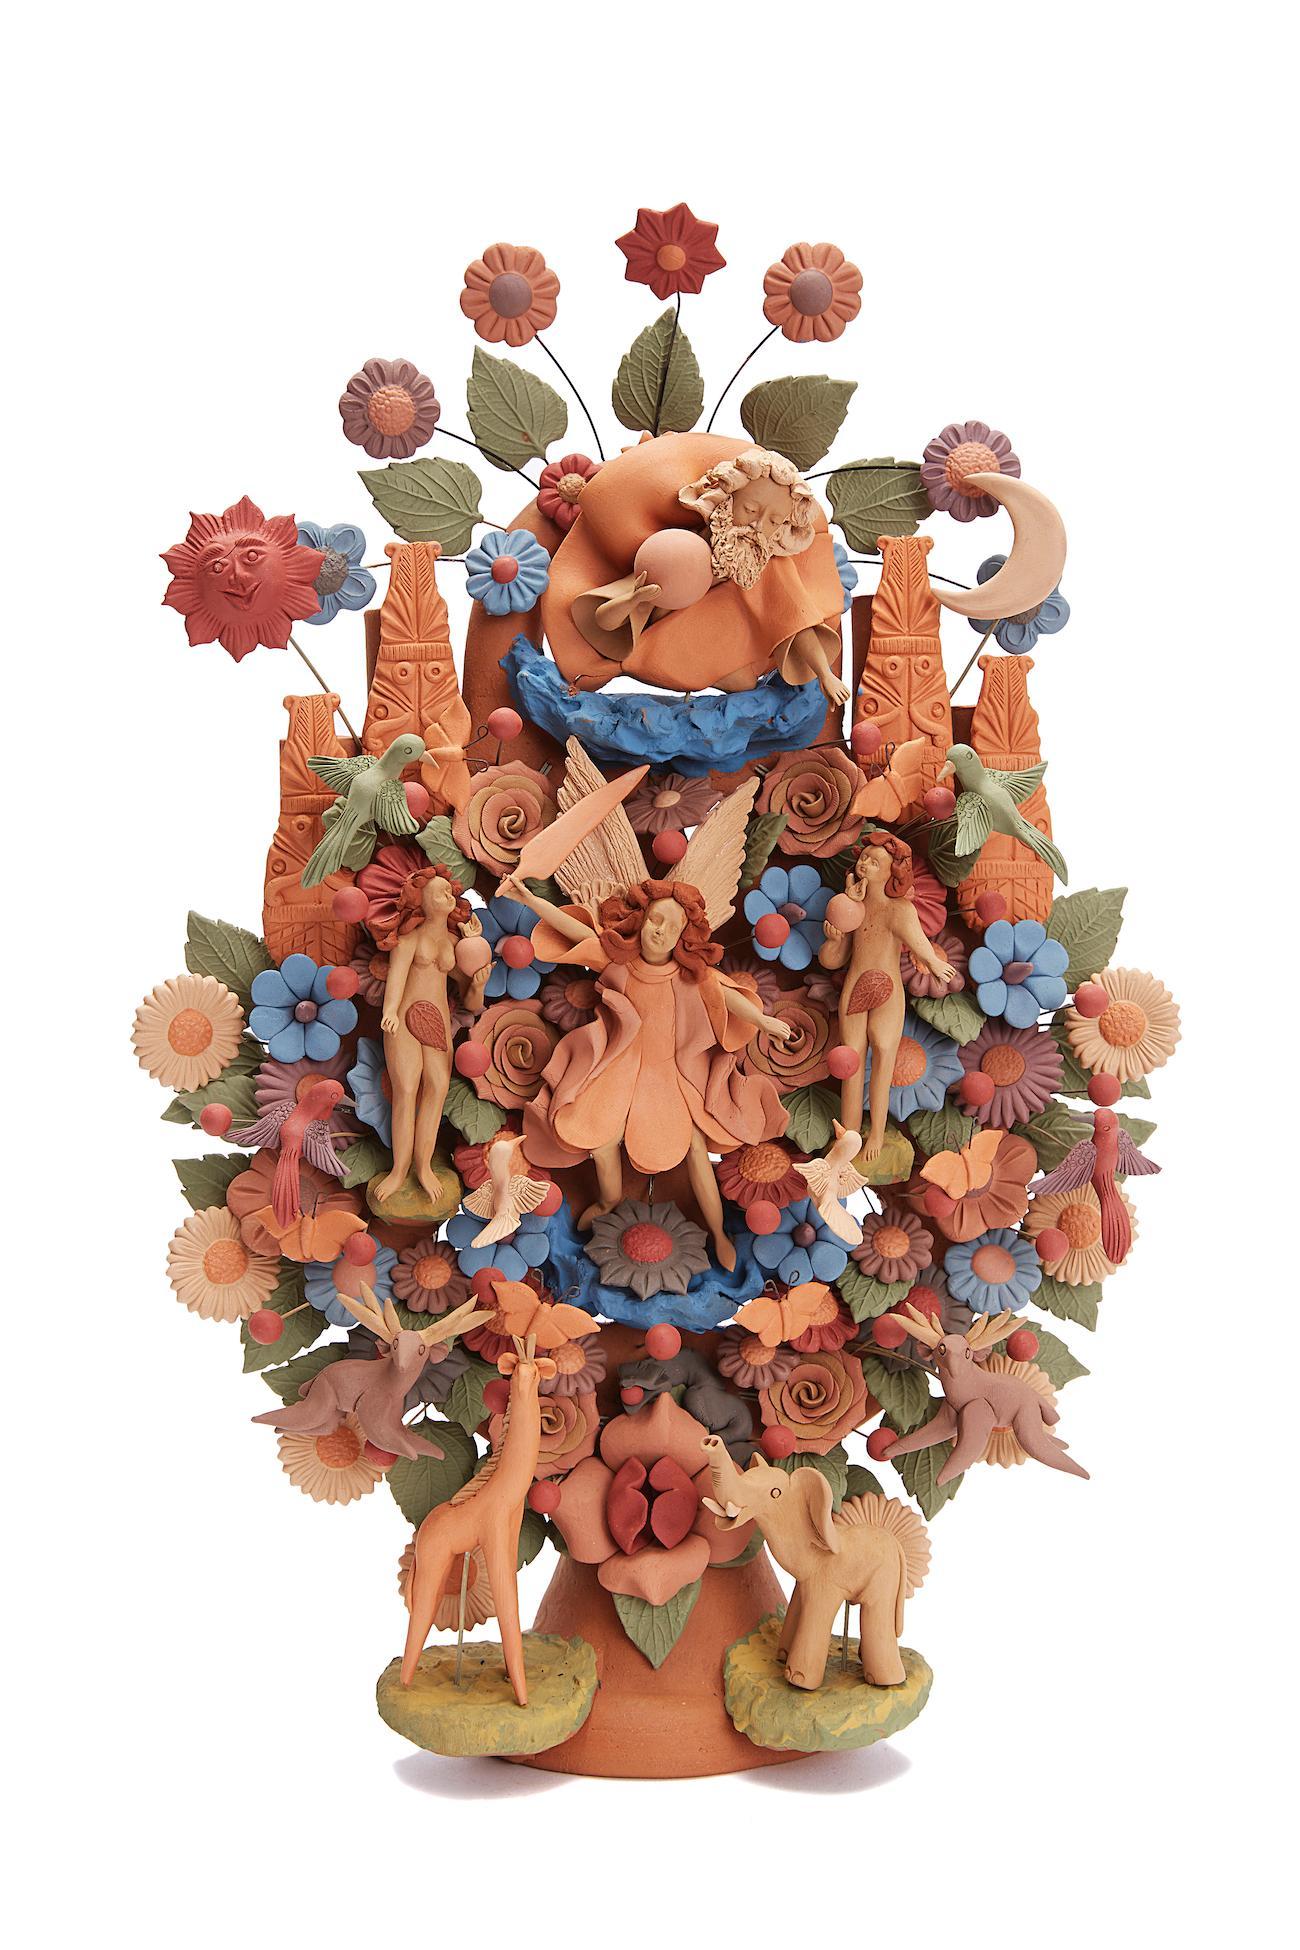 Arbol de la vida -  Tree of life  / Ceramics Mexican Folk Art Clay